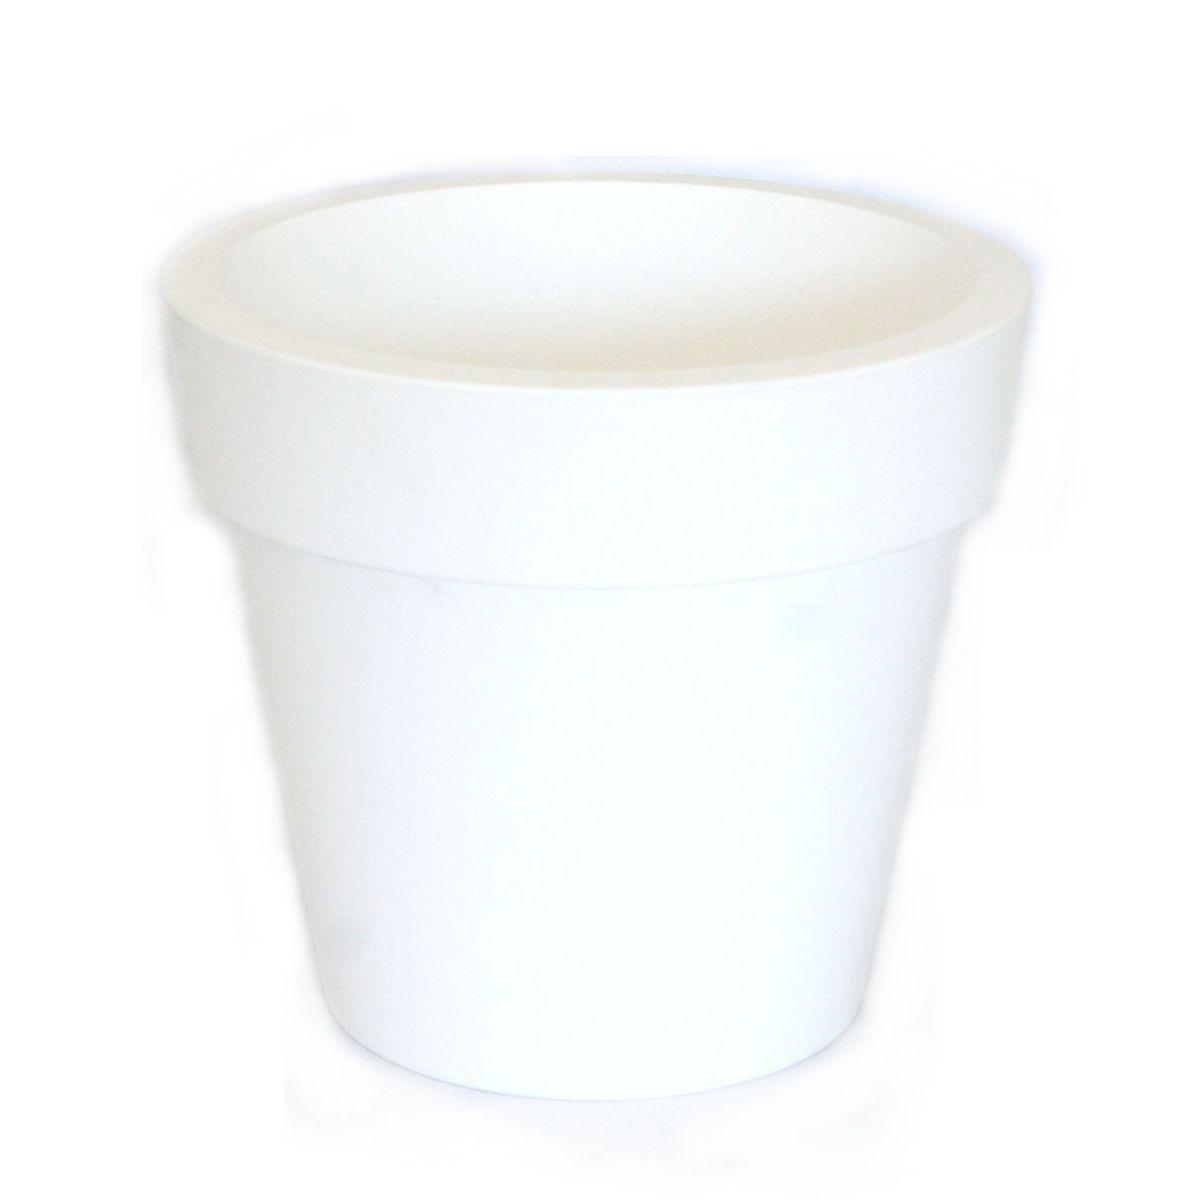 Кашпо JetPlast Порто, со вставкой, цвет: белый, 9 л4612754053018Кашпо Порто классической формы с внутренней вставкой-горшком. Дренажная вставка позволяет легко поливать растения без использования дополнительного поддона. Вместительный объем кашпо позволяет высаживать самые разнообразные растения, а съемная вставка избавит вас от грязи и подчеркнет красоту цветка. Оно изготовлено из прочного полипропилена (пластика). Такое кашпо порадует вас функциональностью, а благодаря лаконичному дизайну впишется в любой интерьер помещения. Объем кашпо: 9 л.